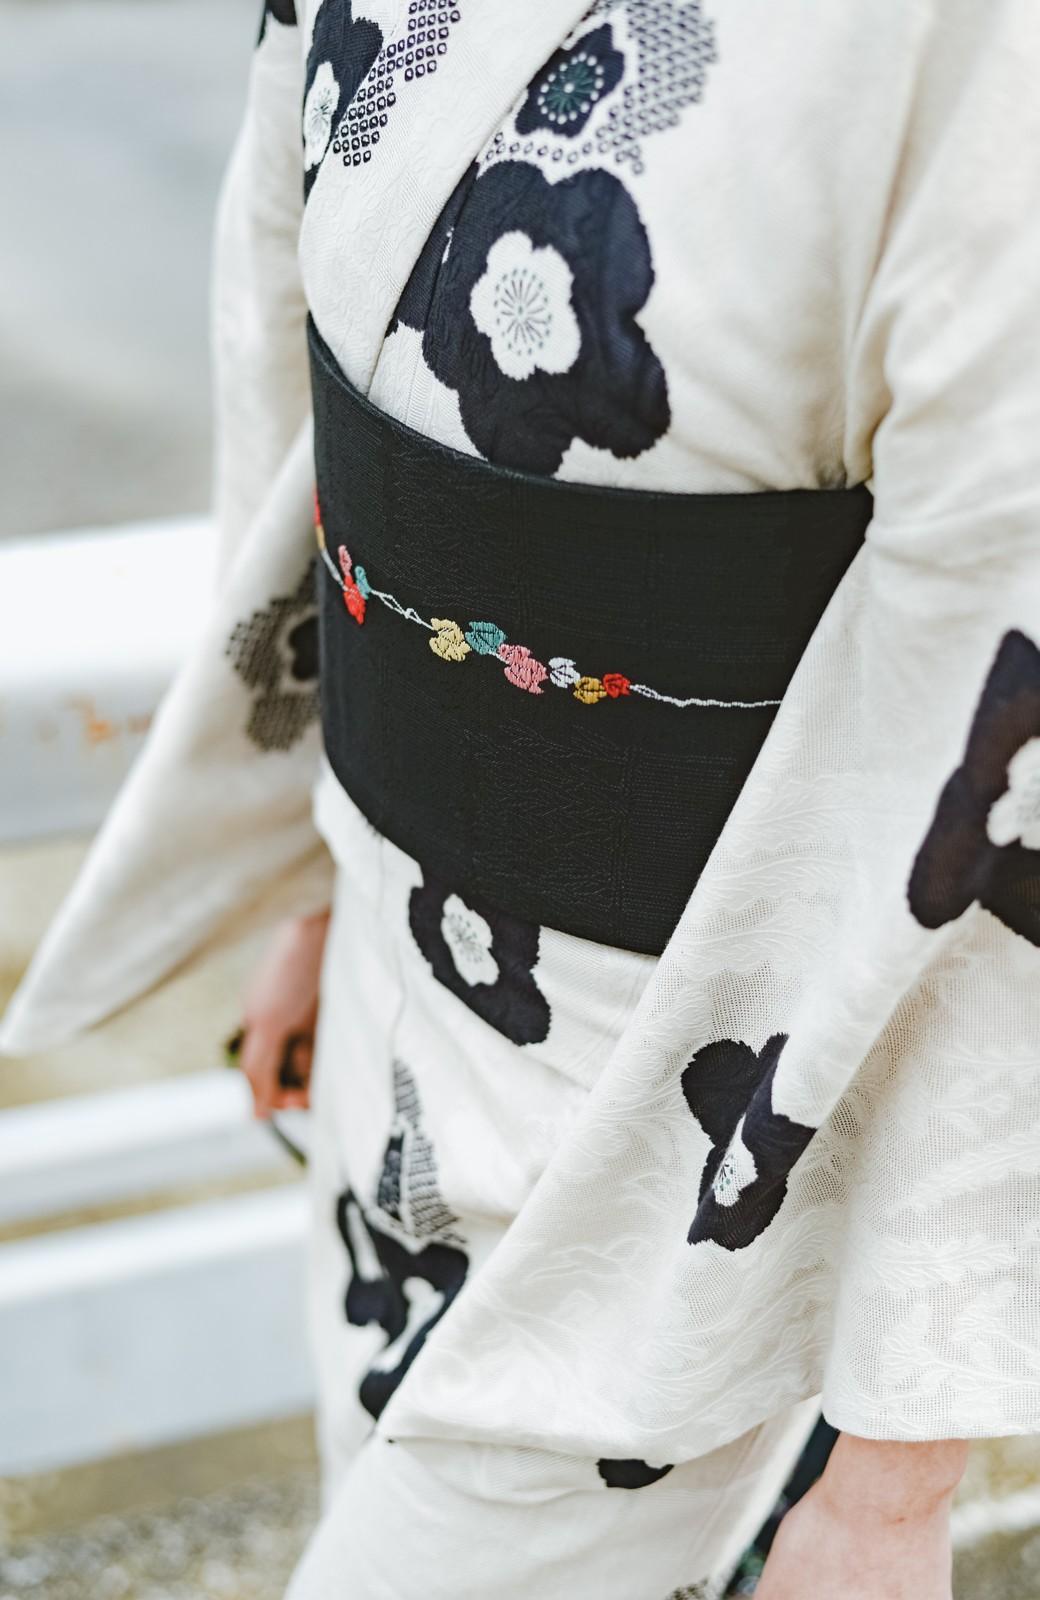 haco! ひでや工房 京都のからみ織ジャカード浴衣 <ブラック系その他>の商品写真11